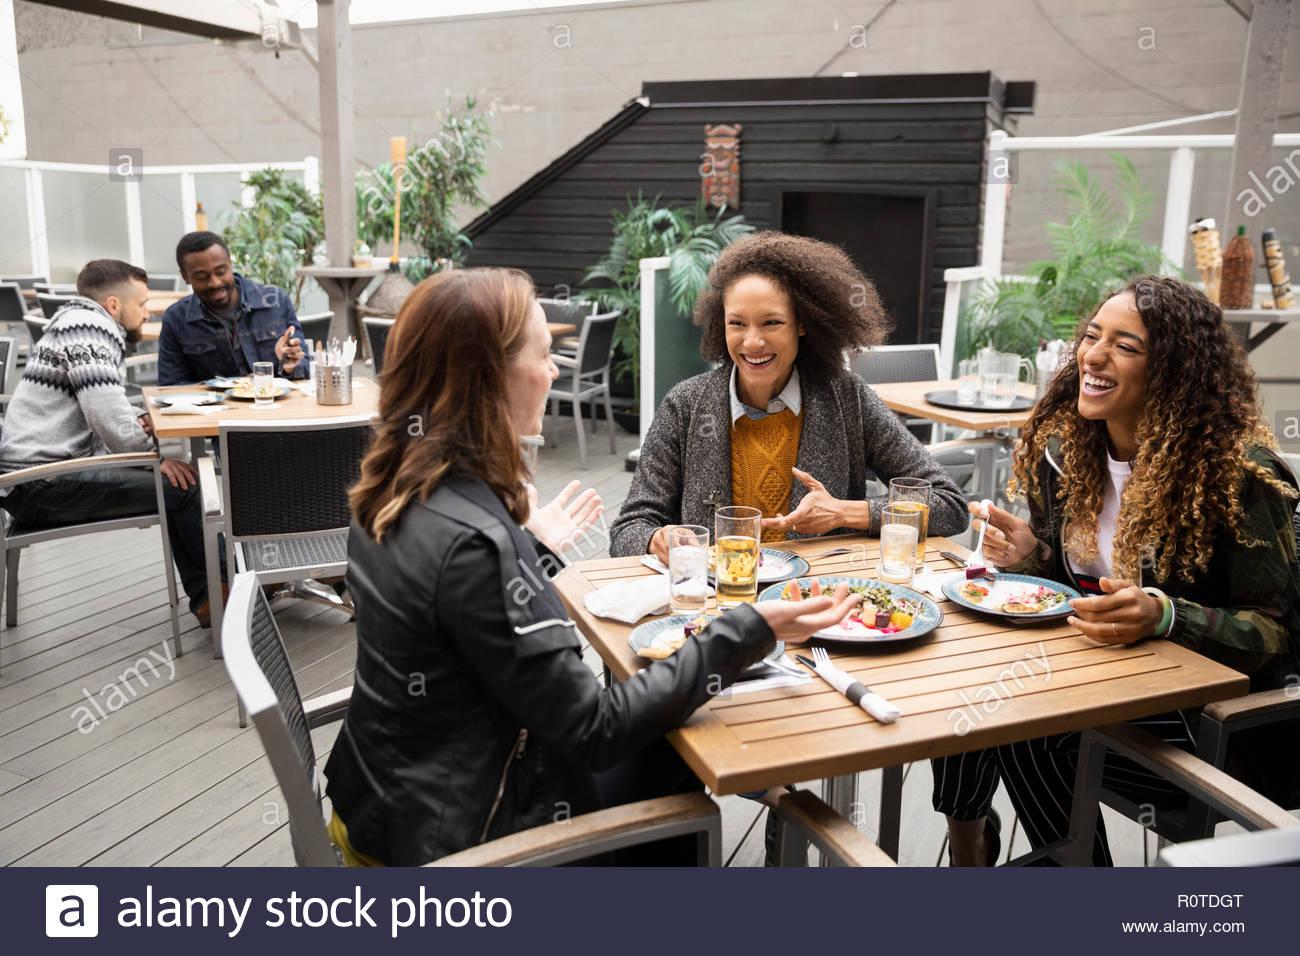 Le donne amici gustando il pranzo sul patio cafe Immagini Stock